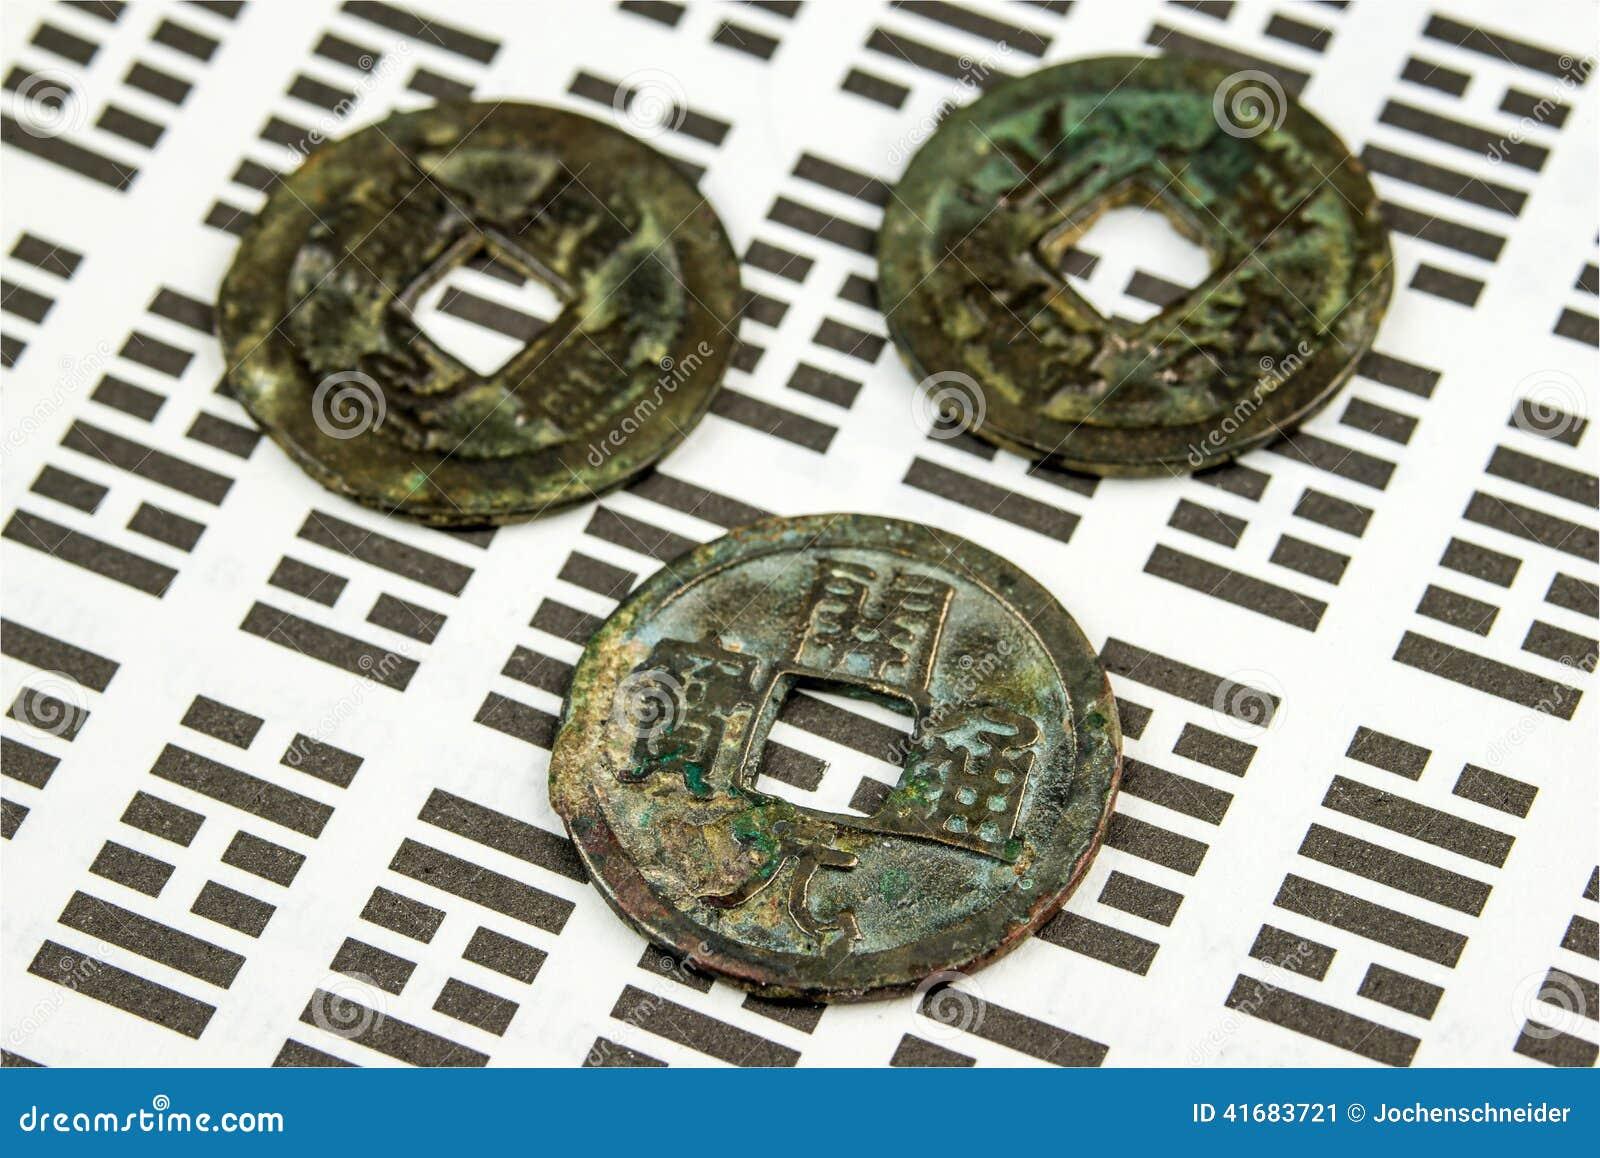 I Ging Chinesische Weissagung Mit Münzen Stockbild Bild Von